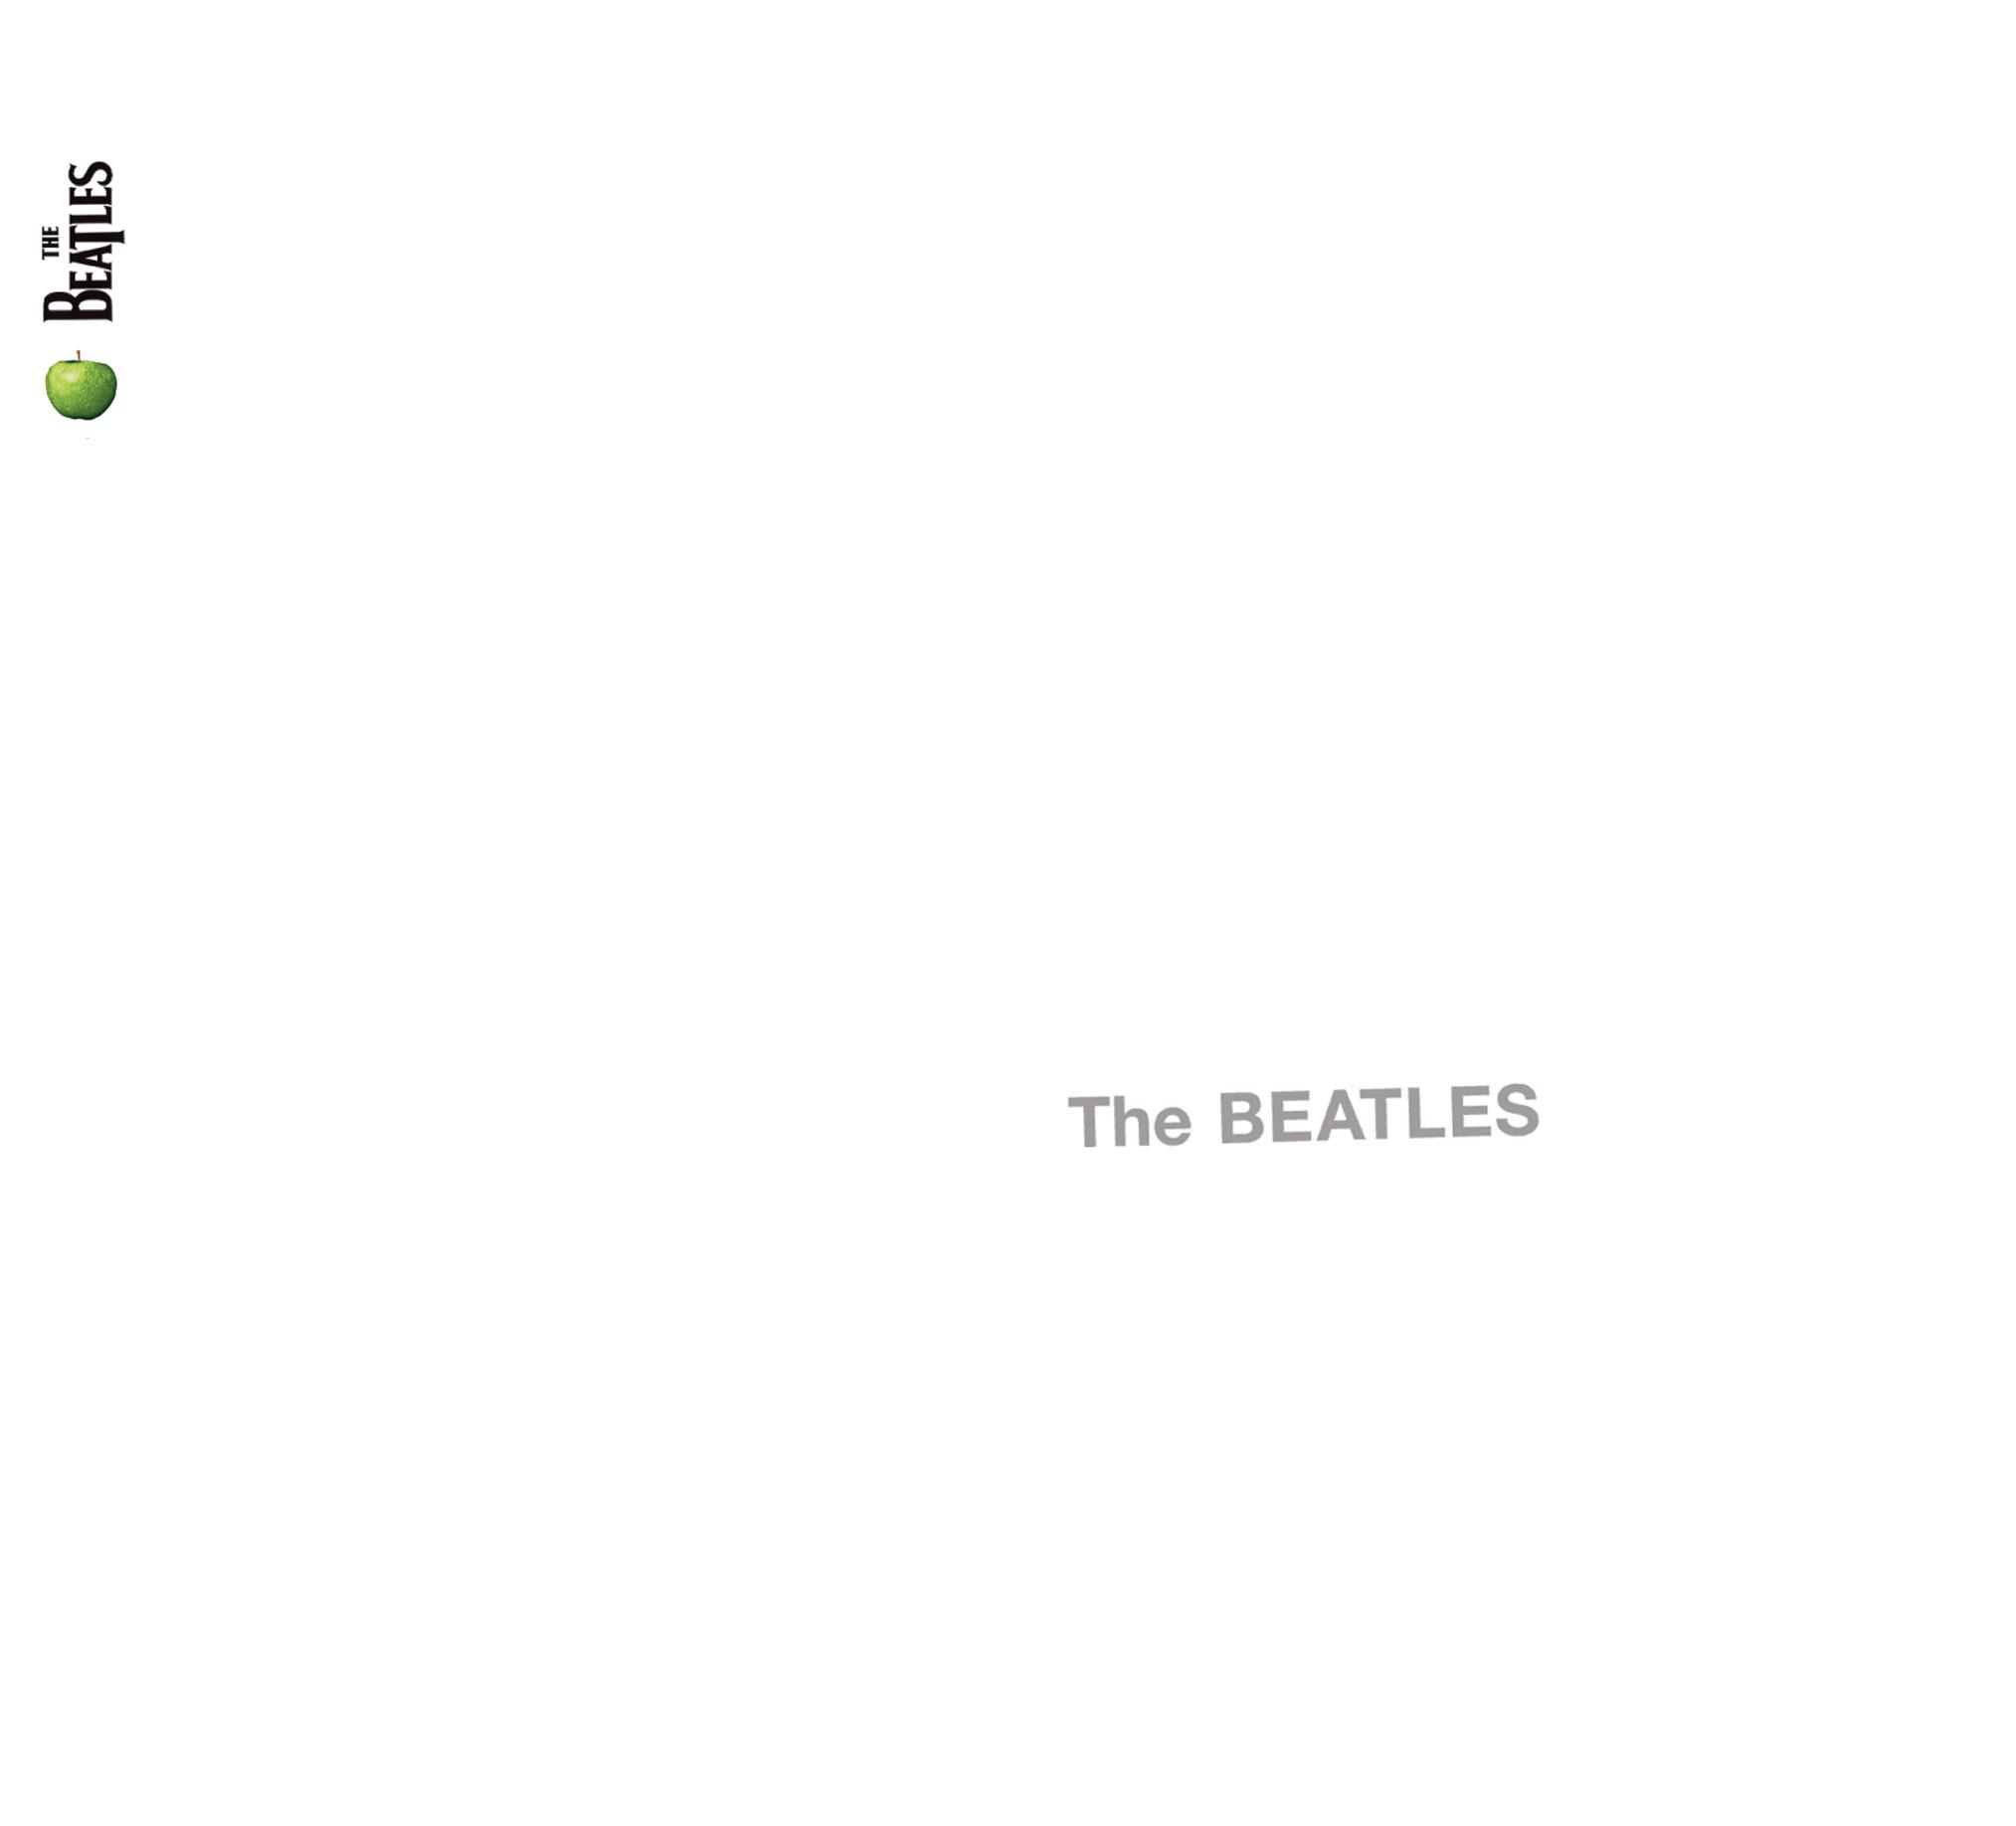 『ホワイト・アルバム/ザ・ビートルズ』